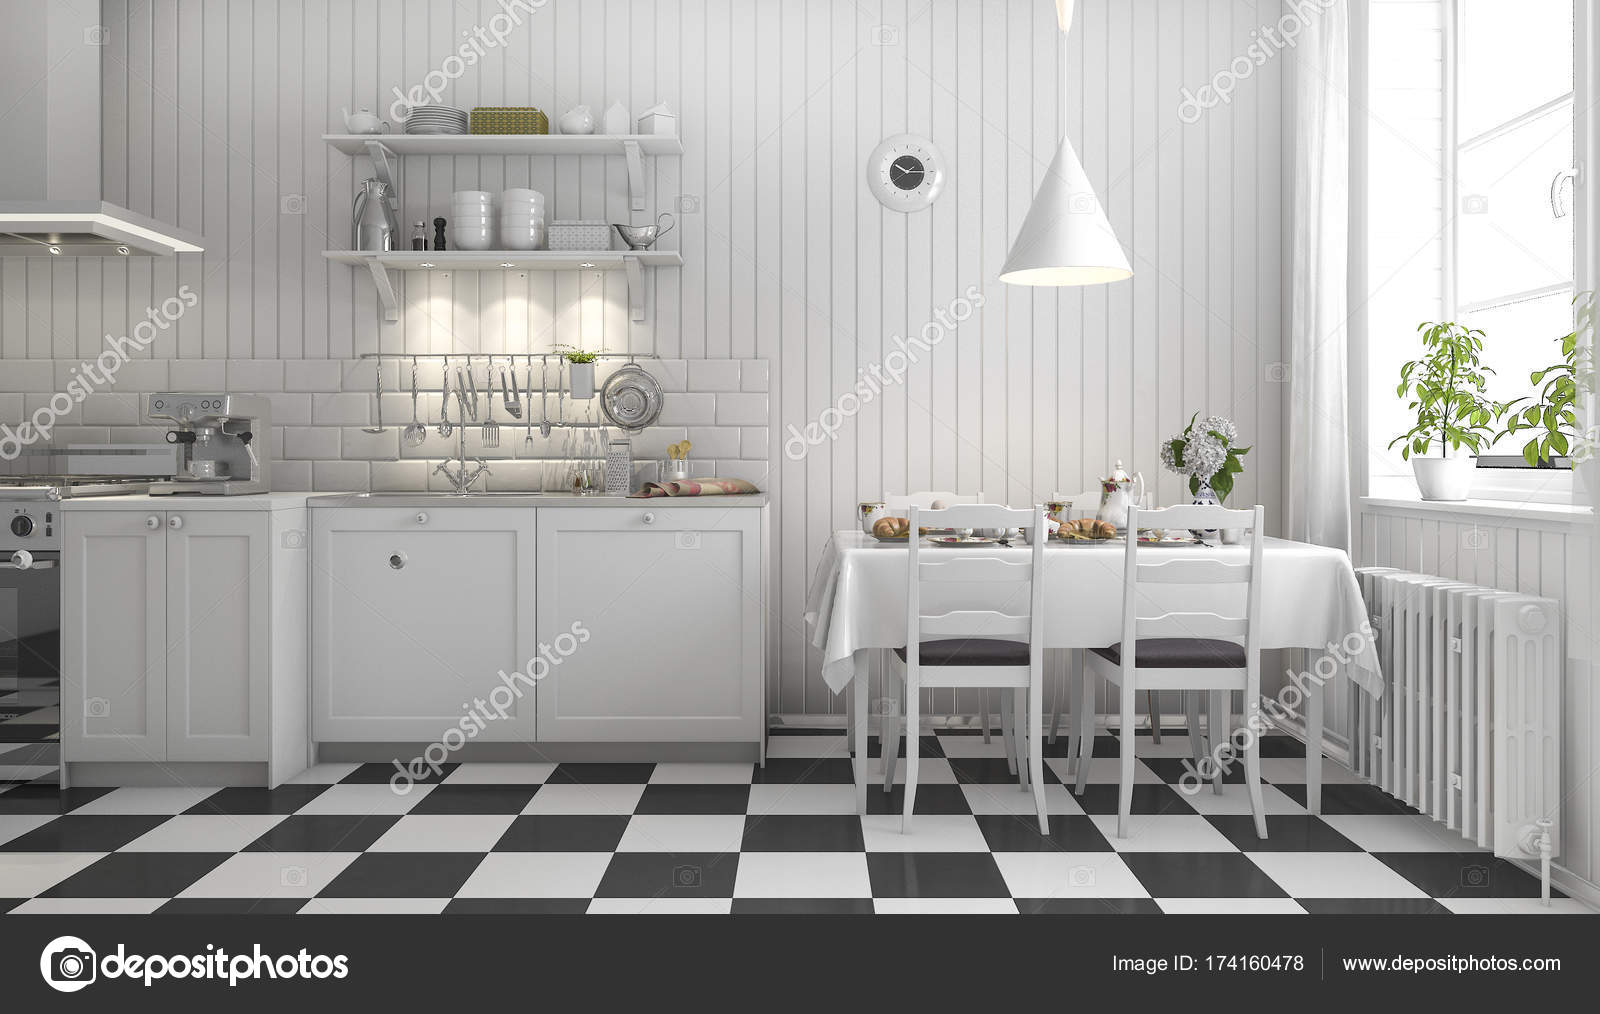 3D Rendu Belle Cuisine Scandinave Avec Décor De Carrelage Noiru2013 Images De  Stock Libres De Droits